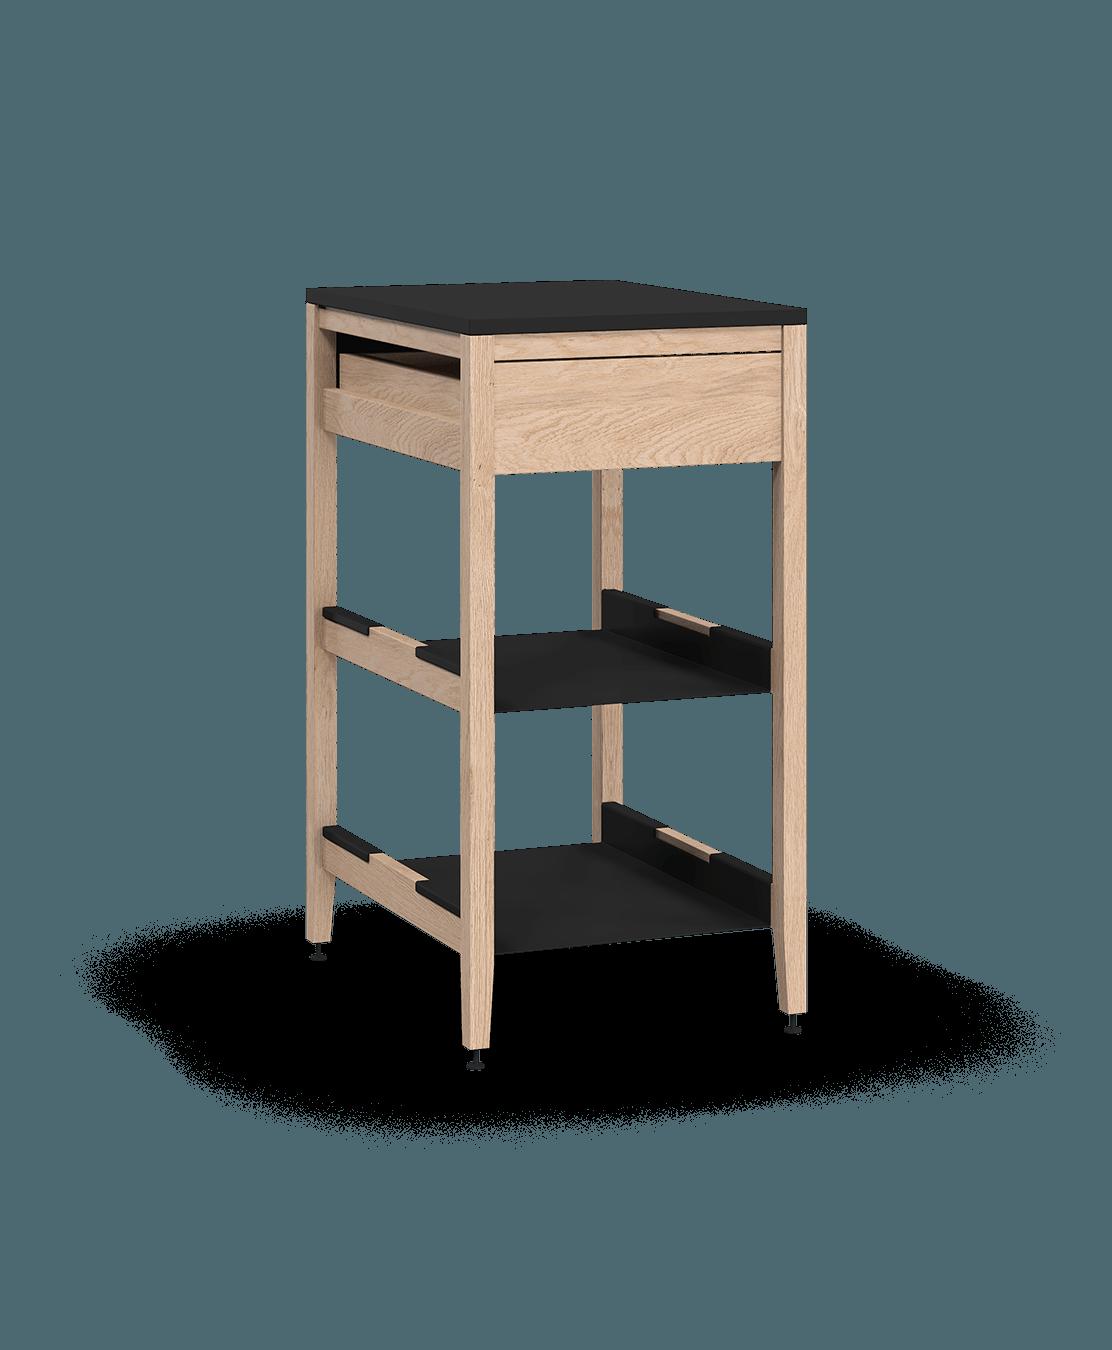 armoire de cuisine modulaire inférieure en bois massif coquo radix avec 2 tablettes 1 tiroir chêne blanc 21 pouces C1-C-21SB-1022-NA